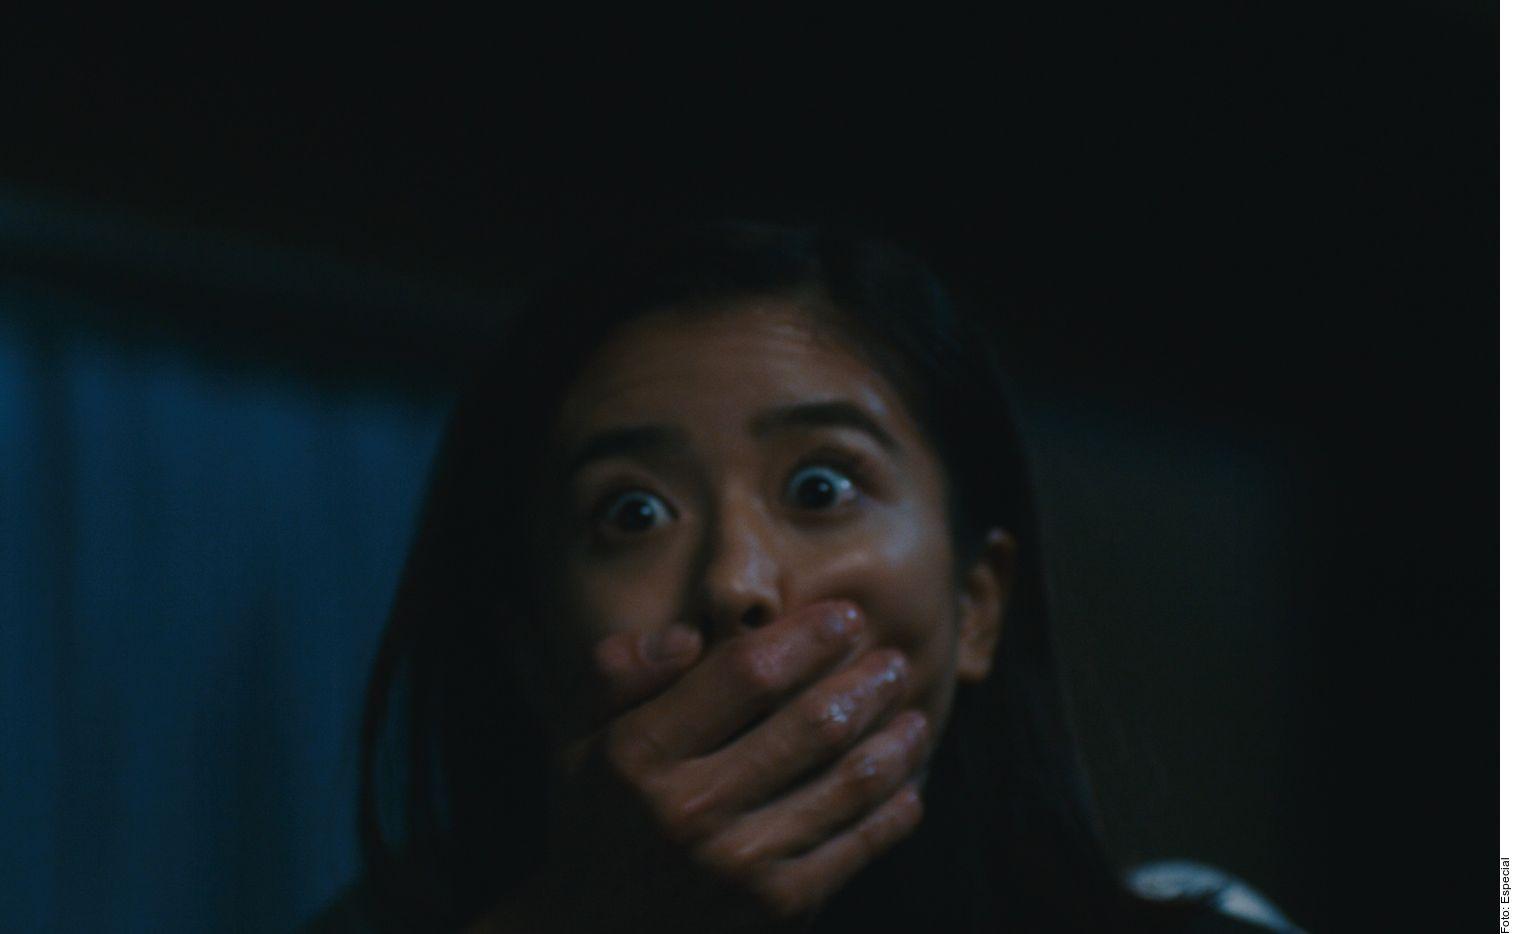 Esta nueva serie de Netflix Ju-On está inspirada en la película de terror 'La Maldición'.